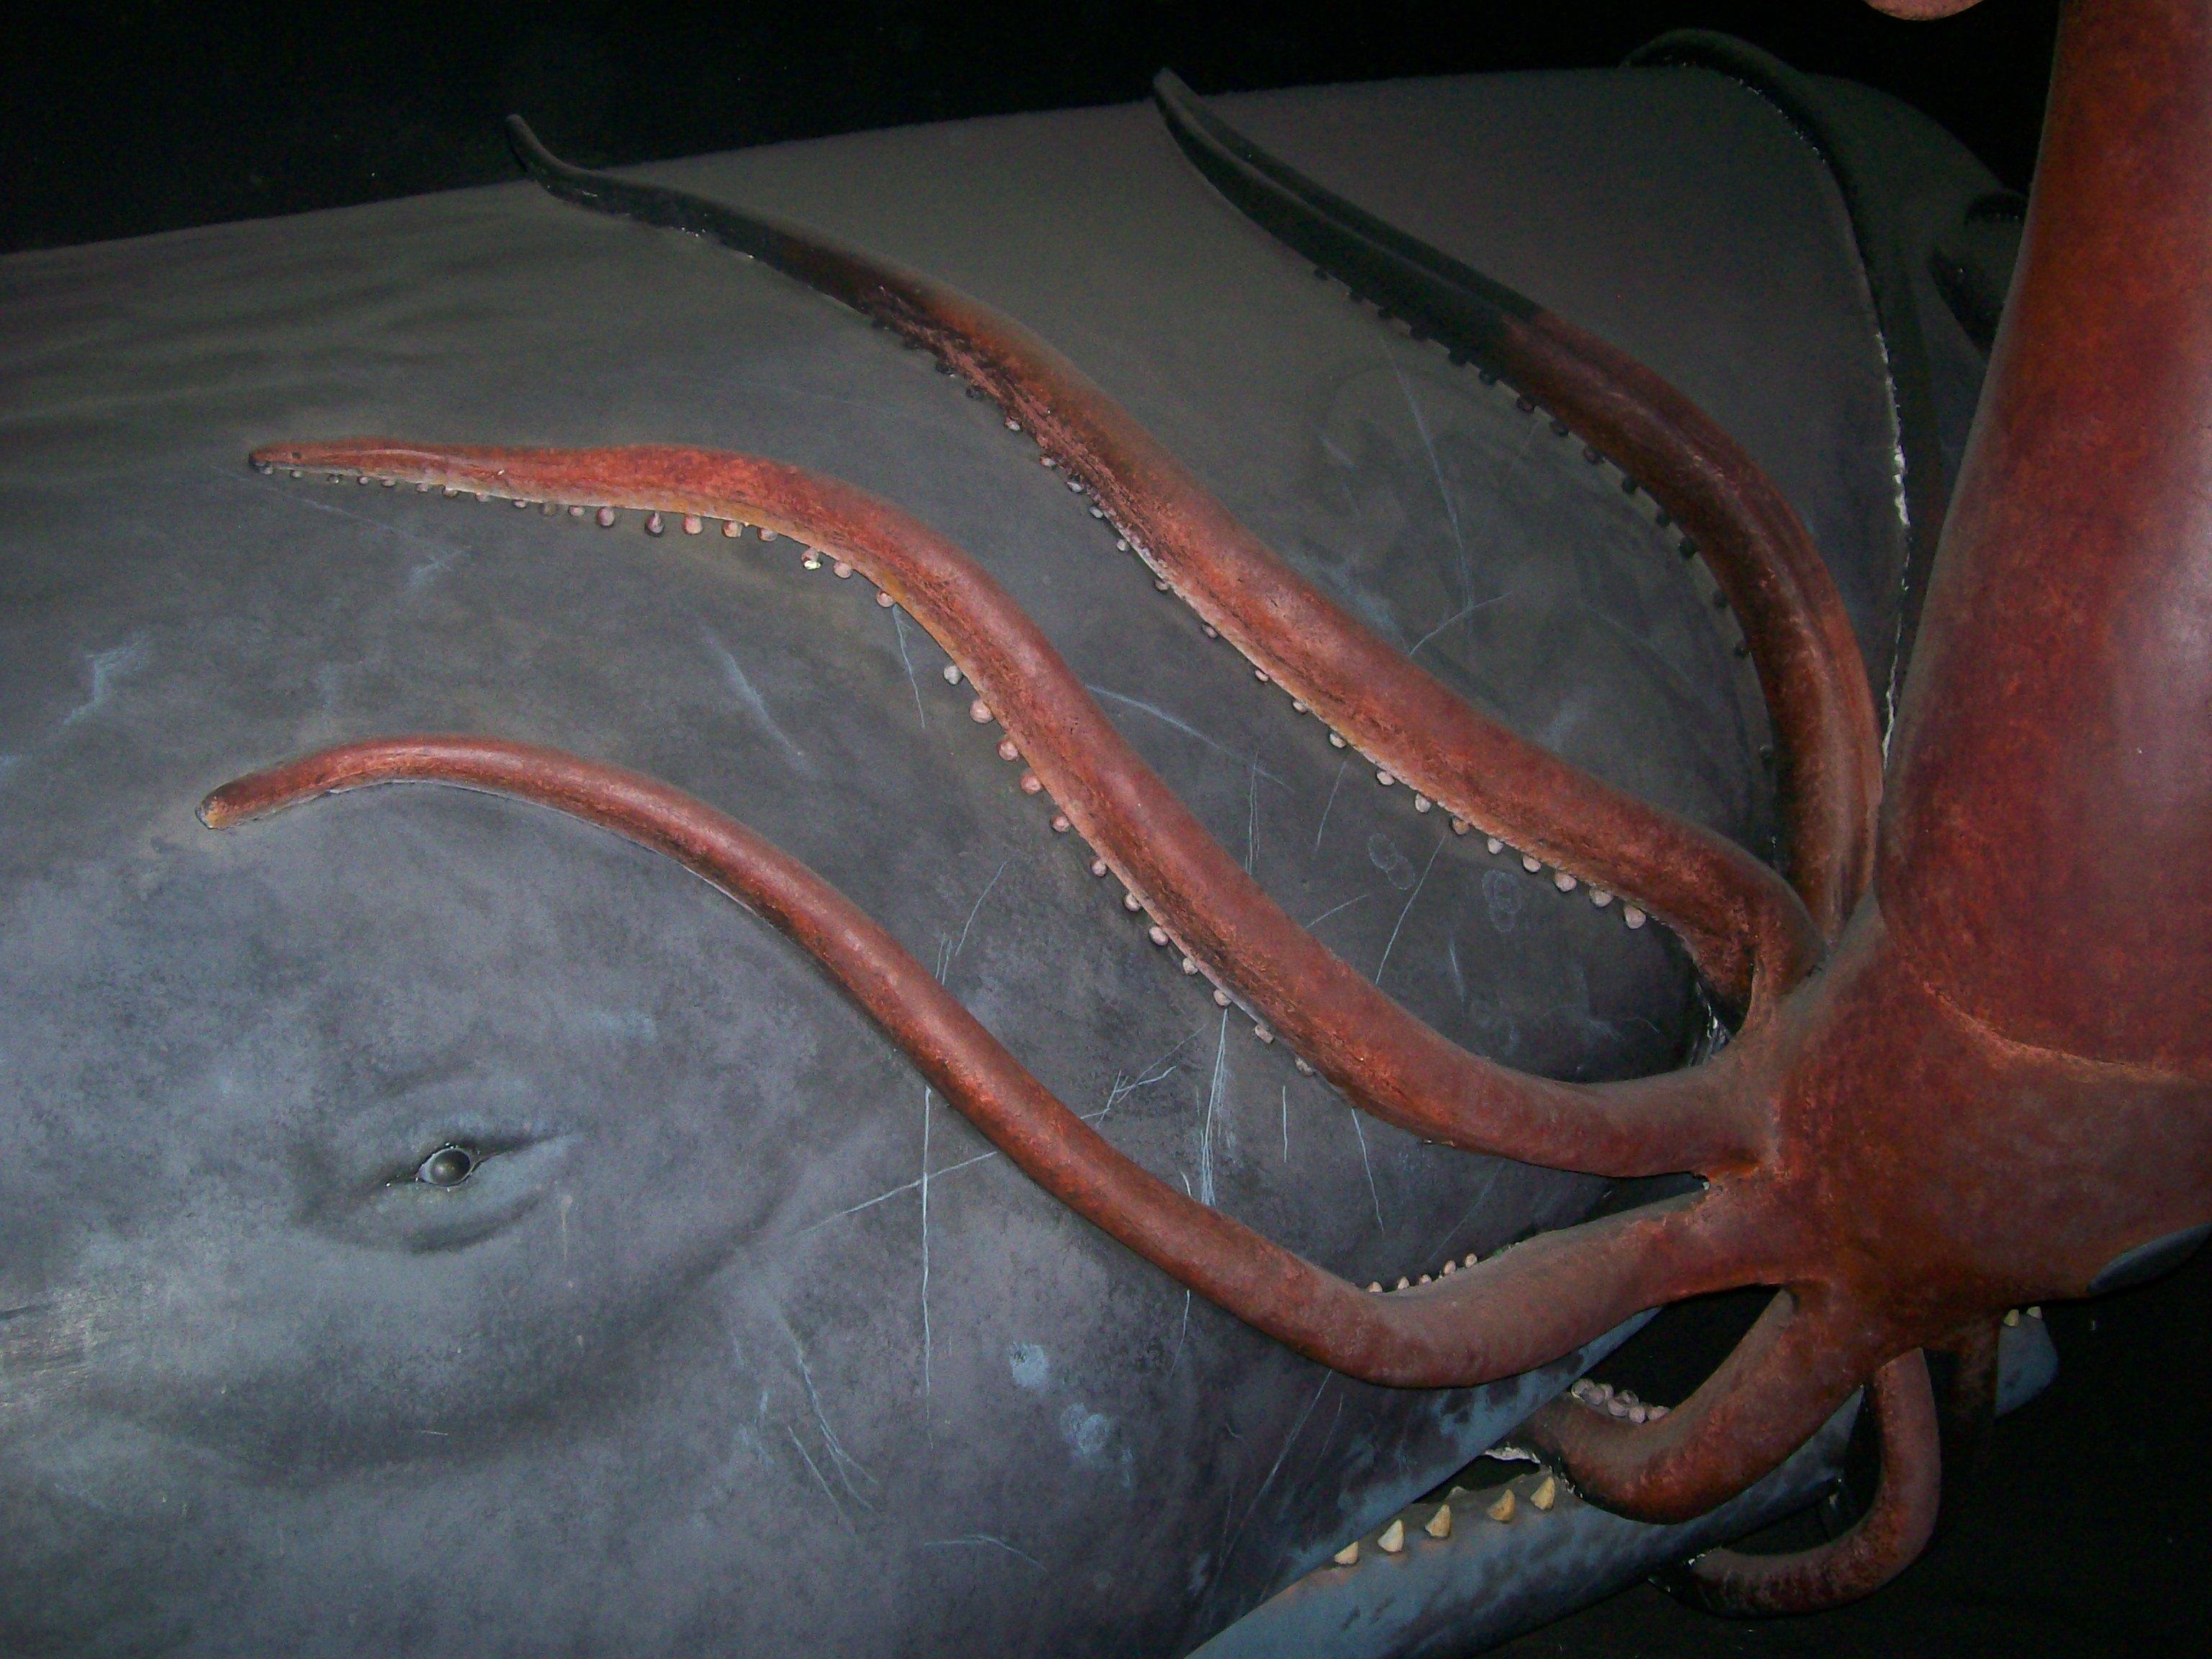 squid against sperm whale